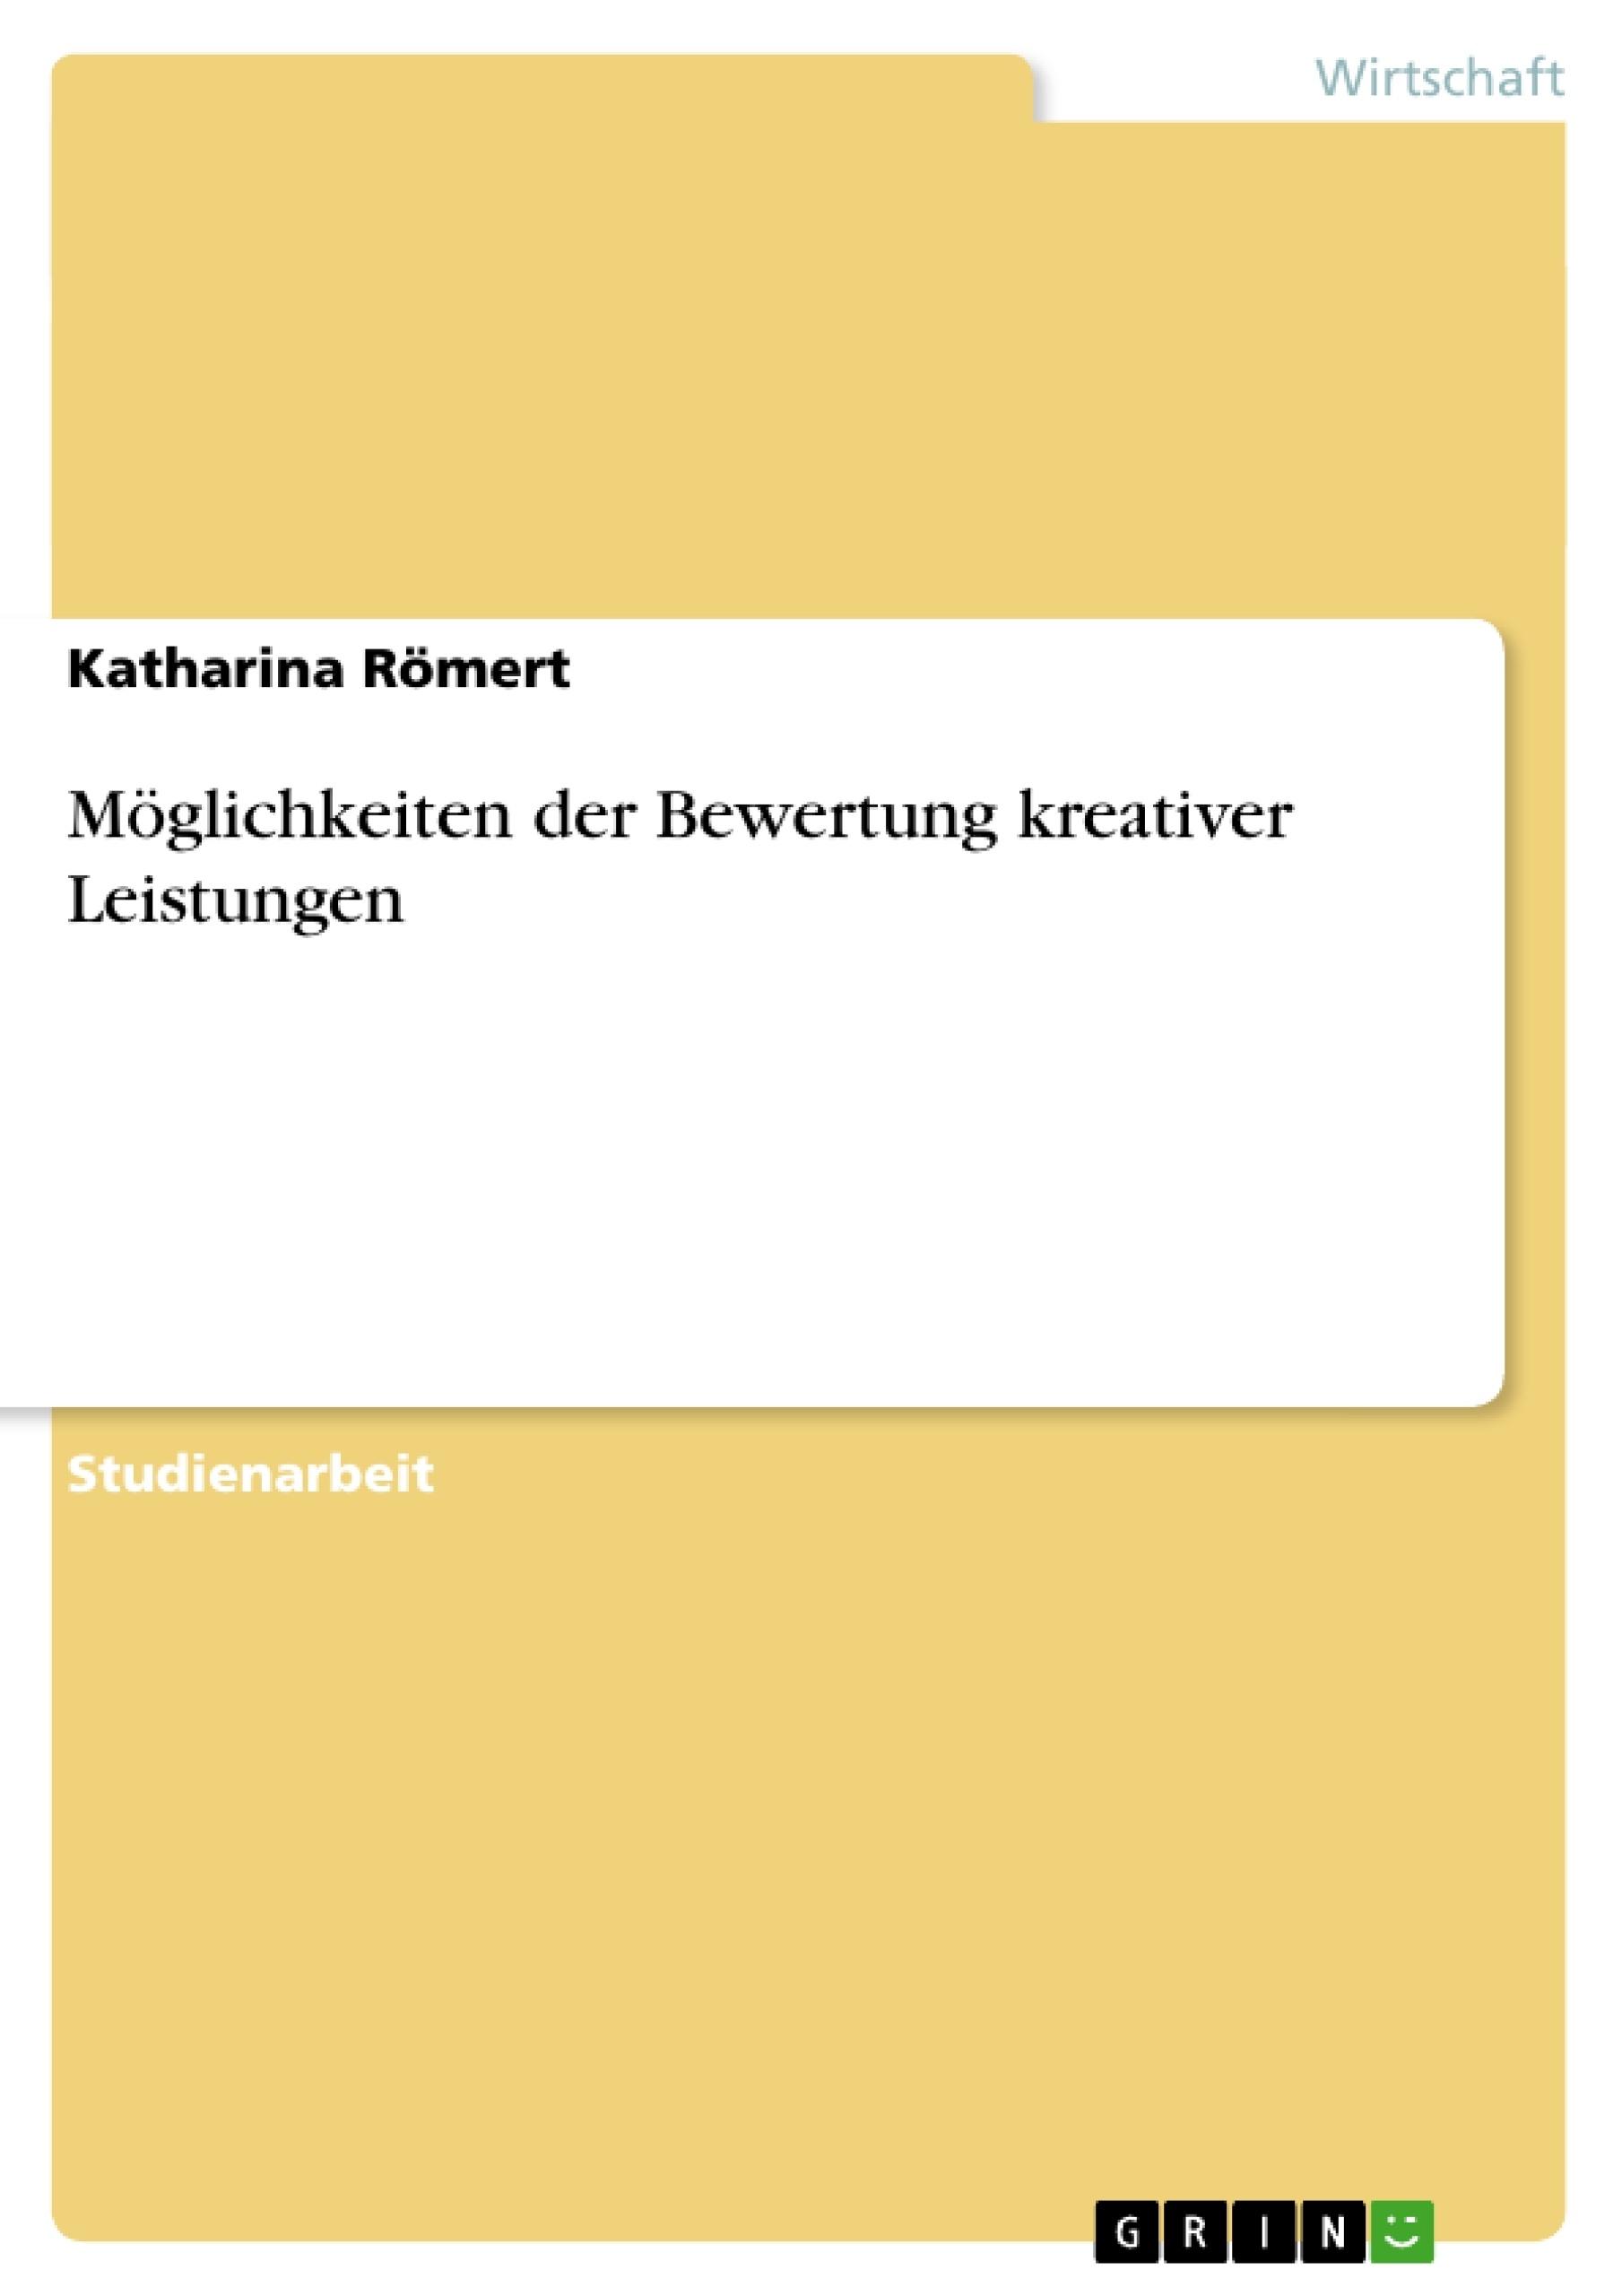 Titel: Möglichkeiten der Bewertung kreativer Leistungen